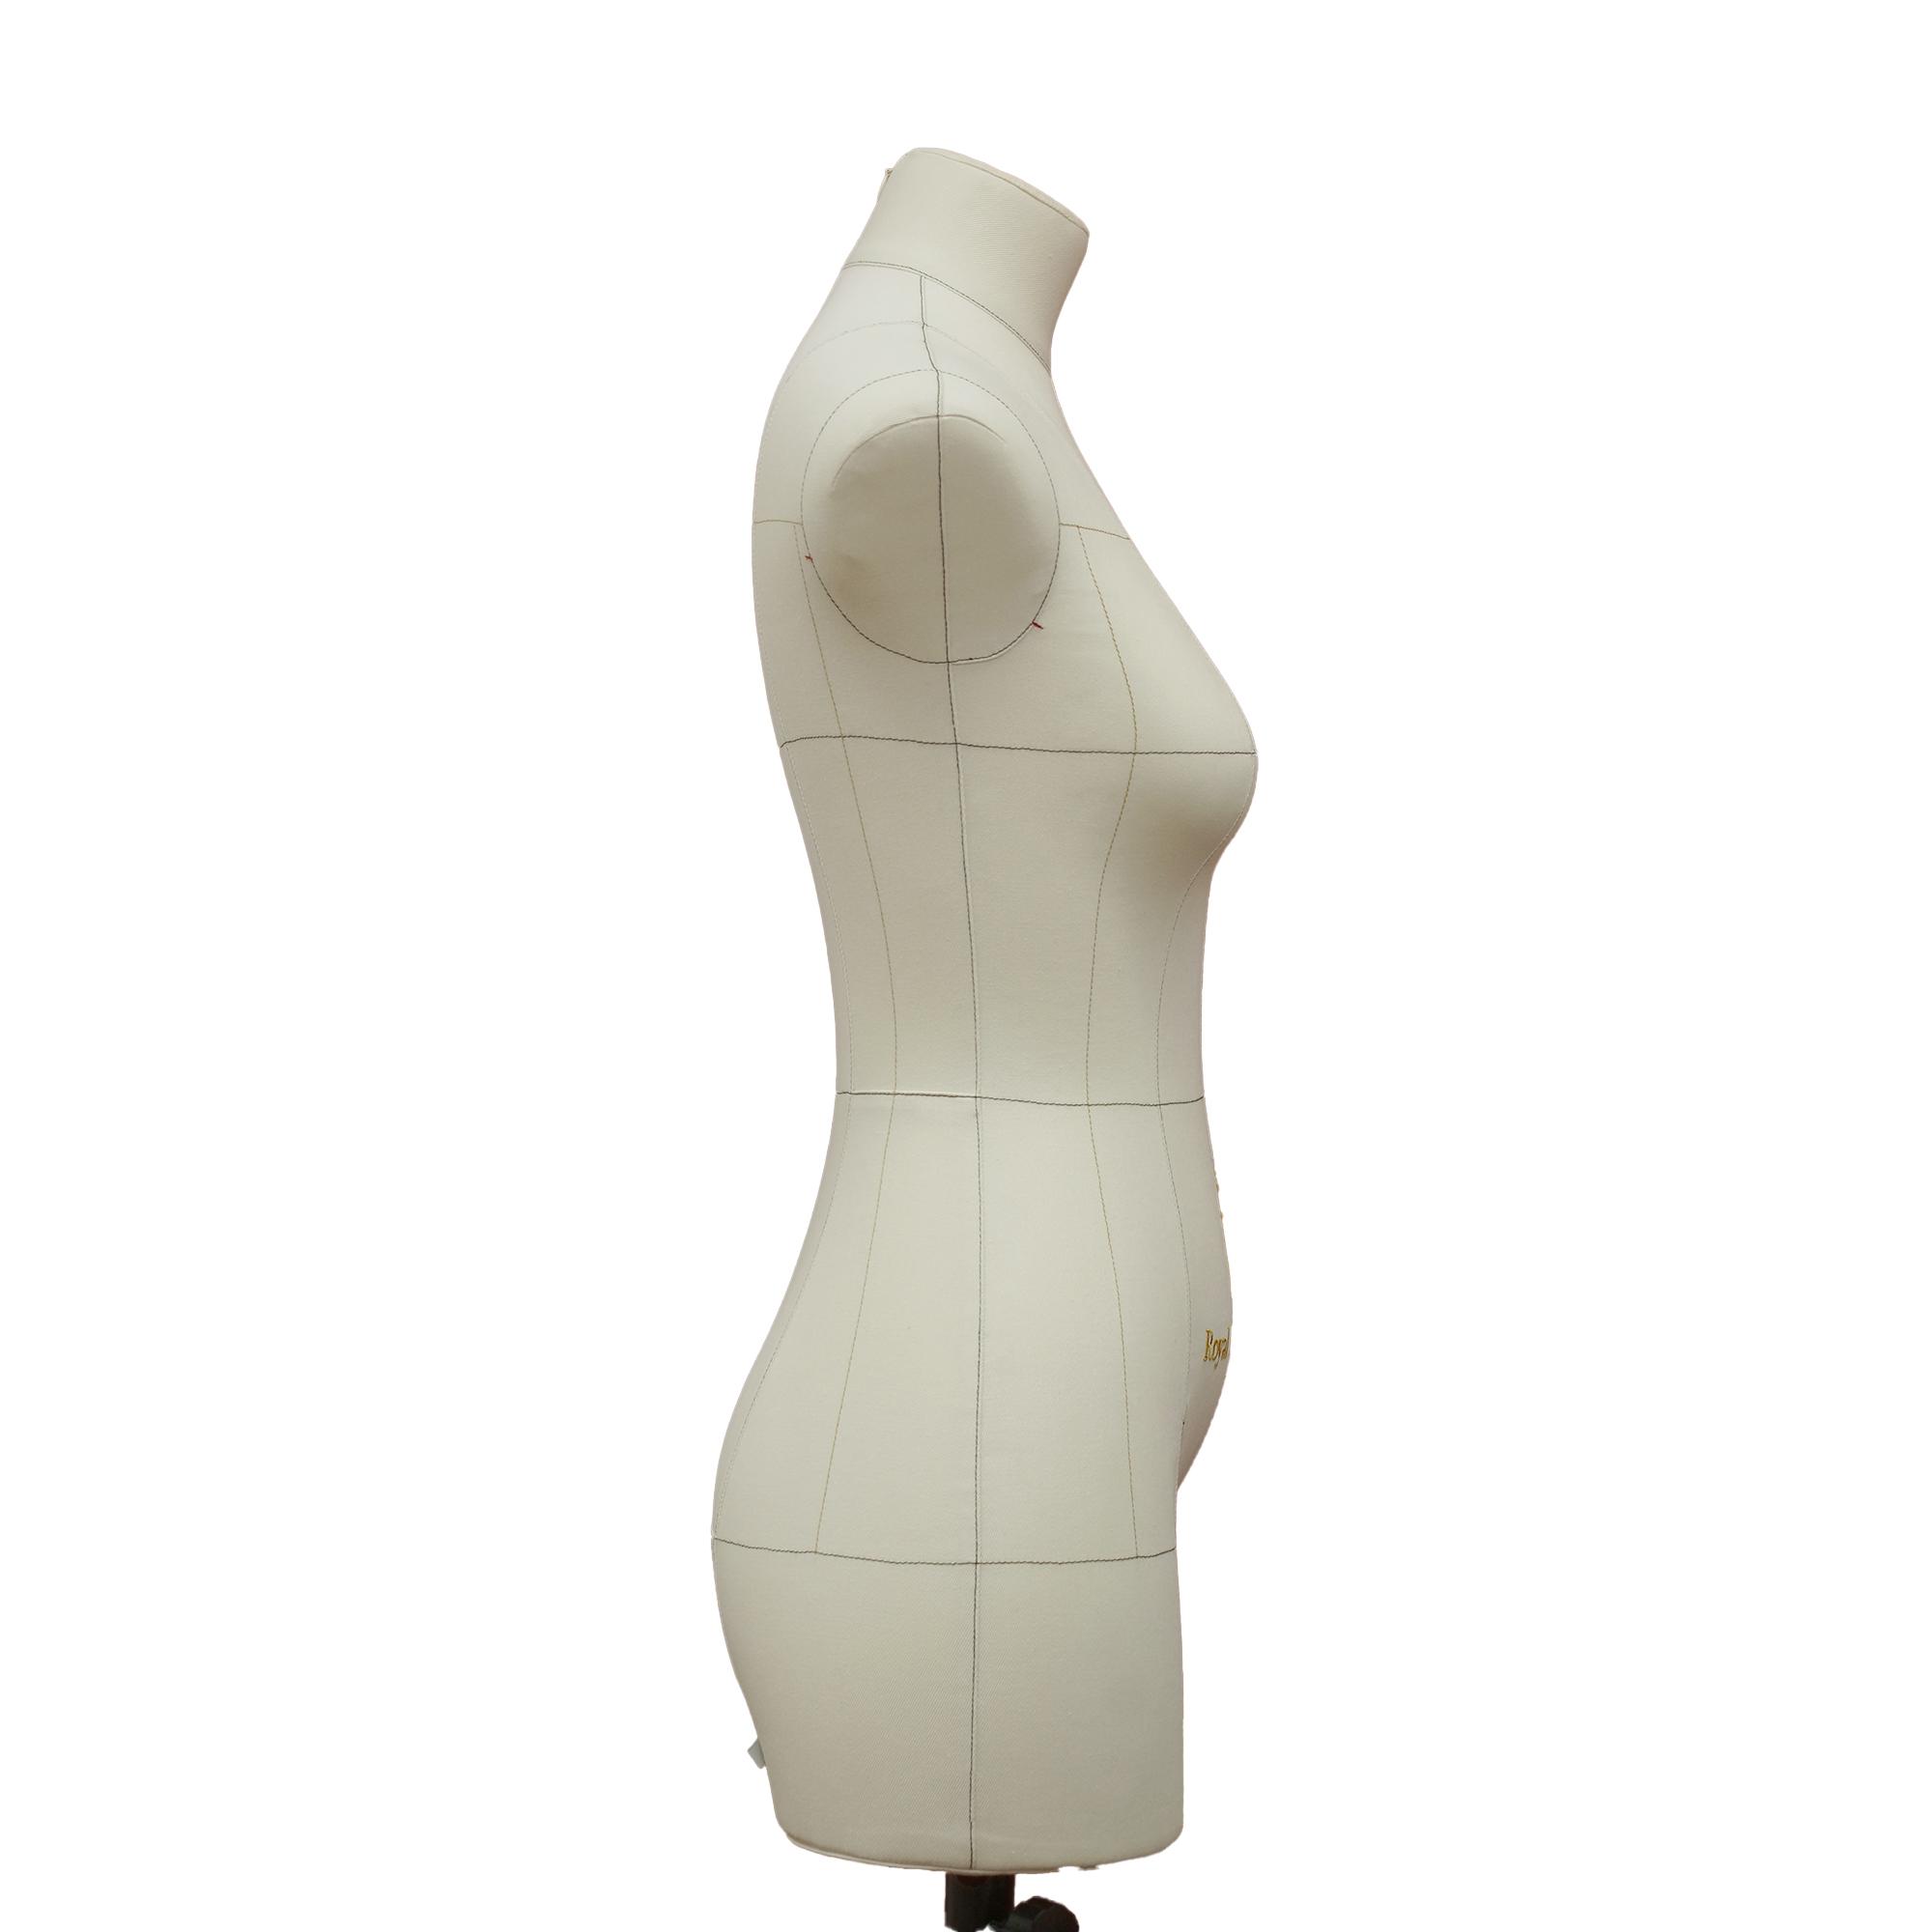 Манекен портновский Моника, комплект Премиум, размер 44, тип фигуры Песочные часы, бежевыйФото 2